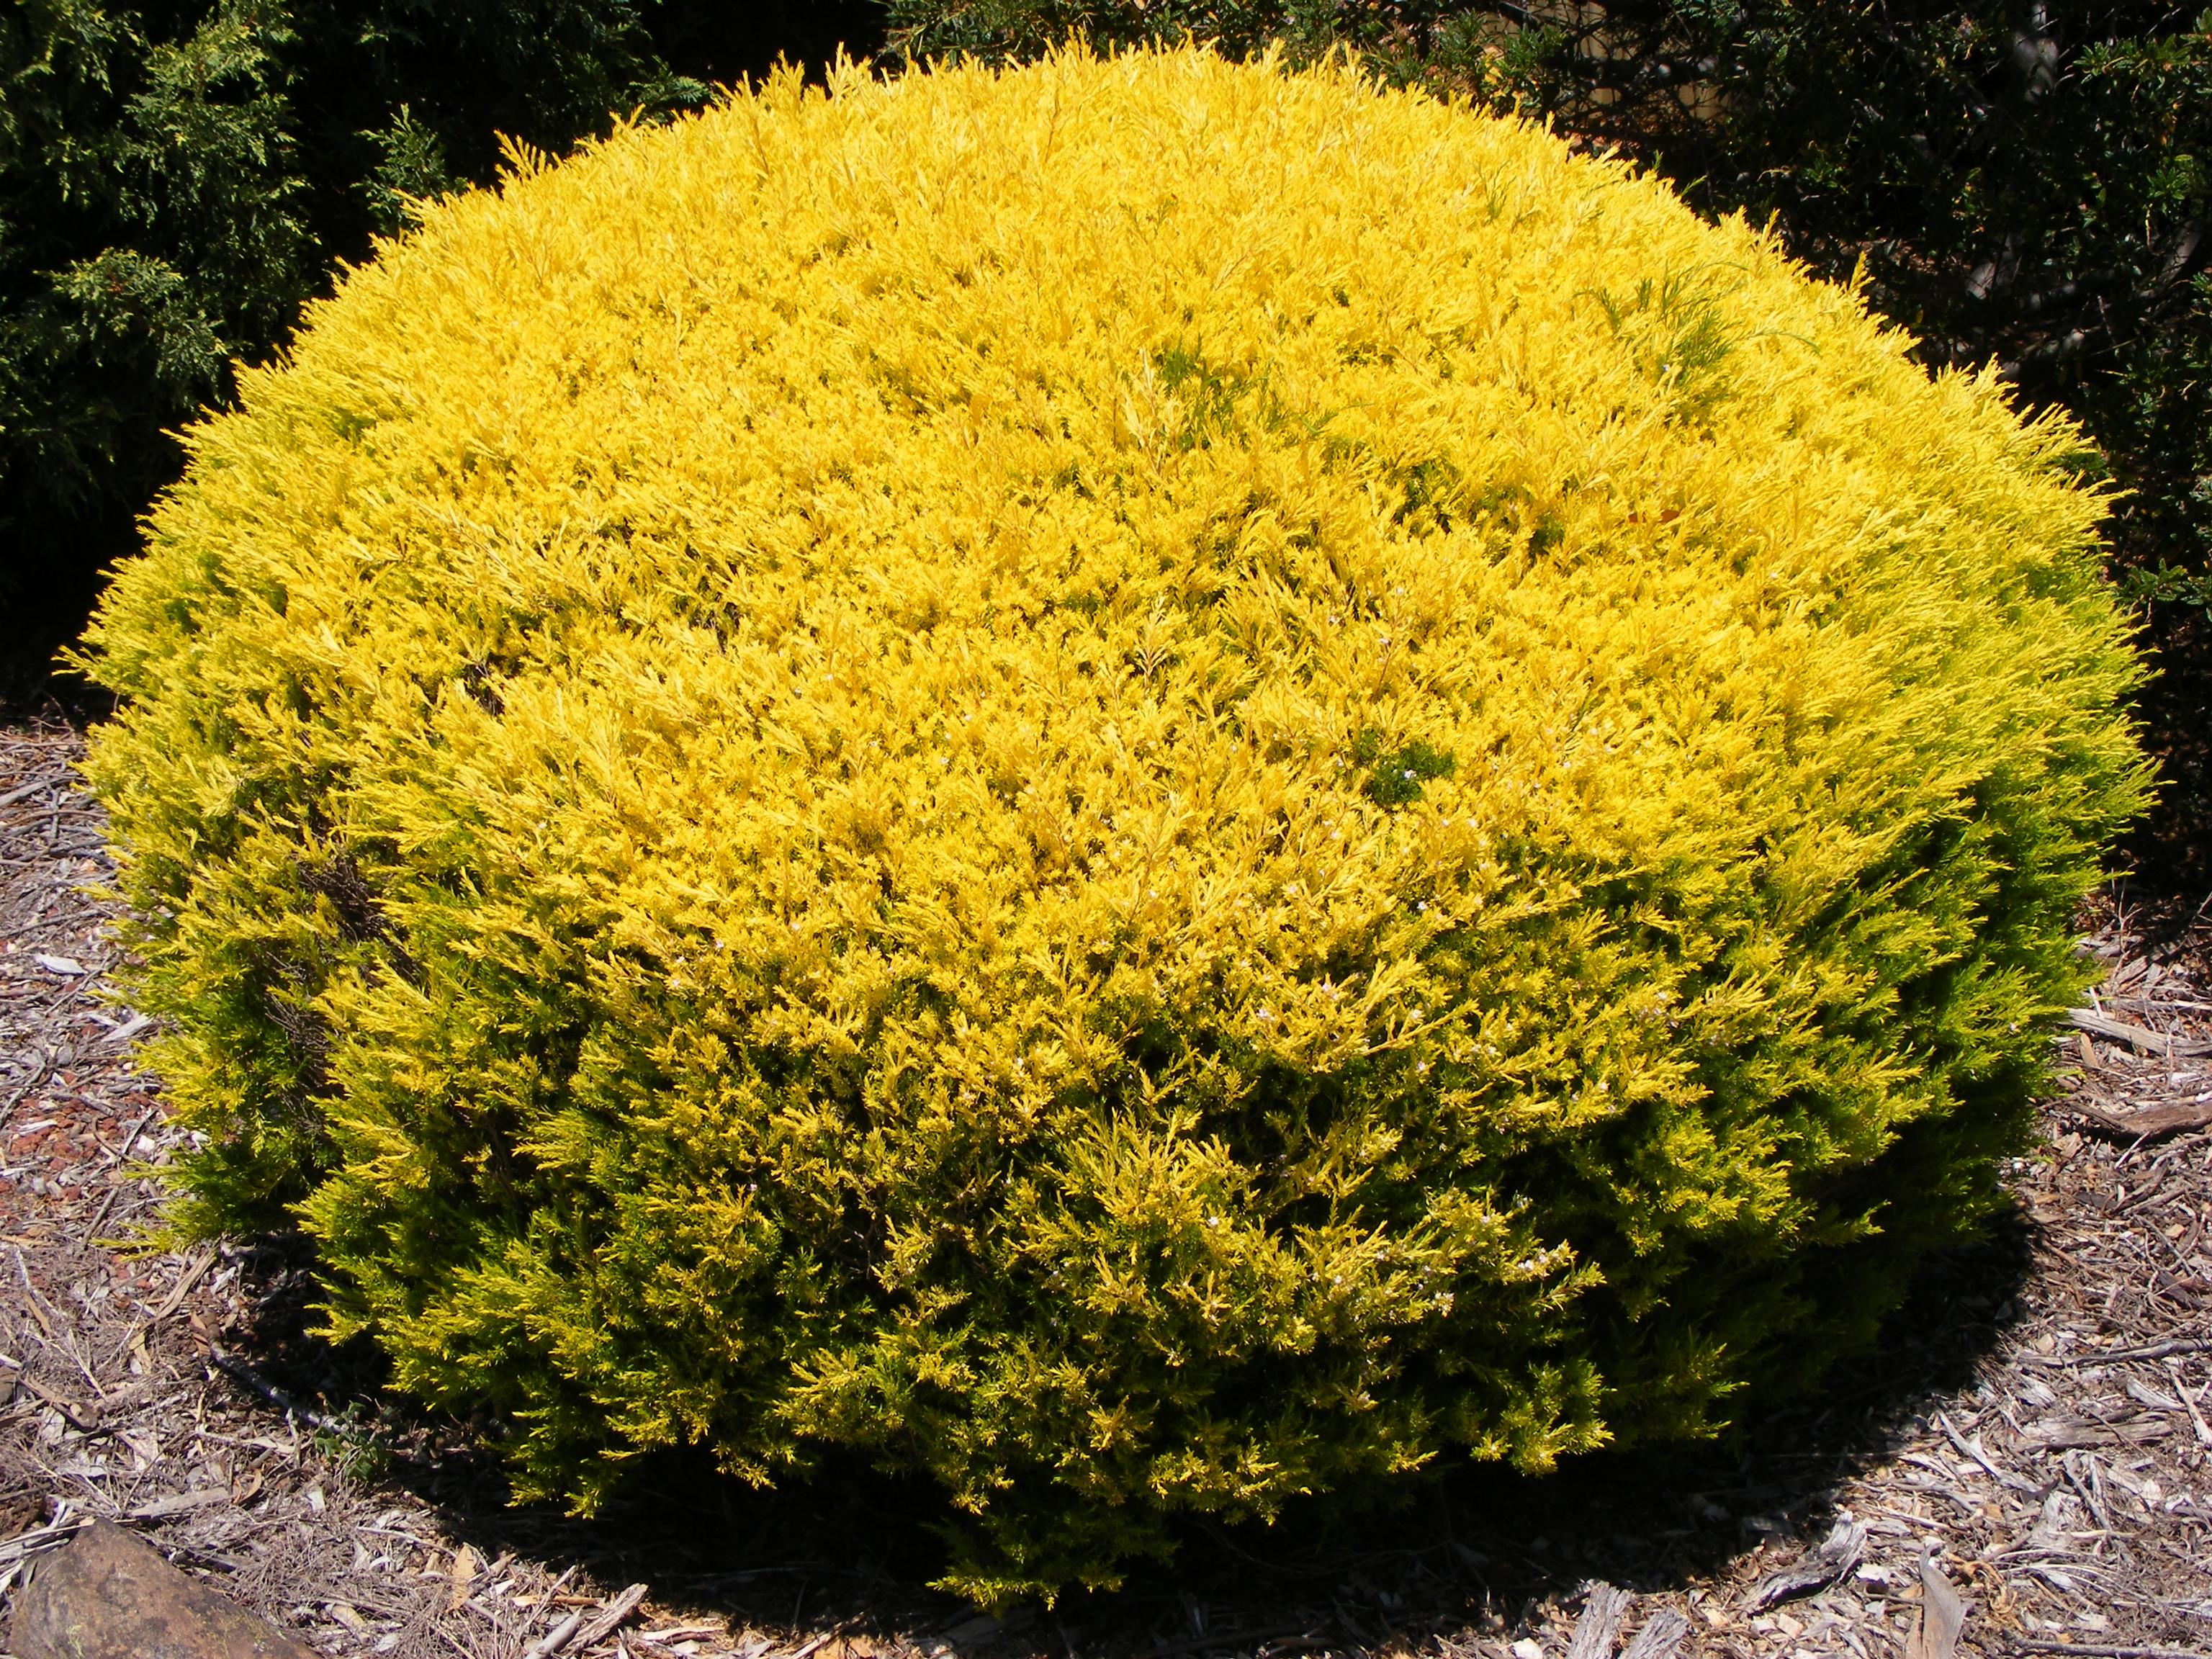 Coleonema pulchrum sunset gold - Coleonema Pulchrum Sunset Gold 51